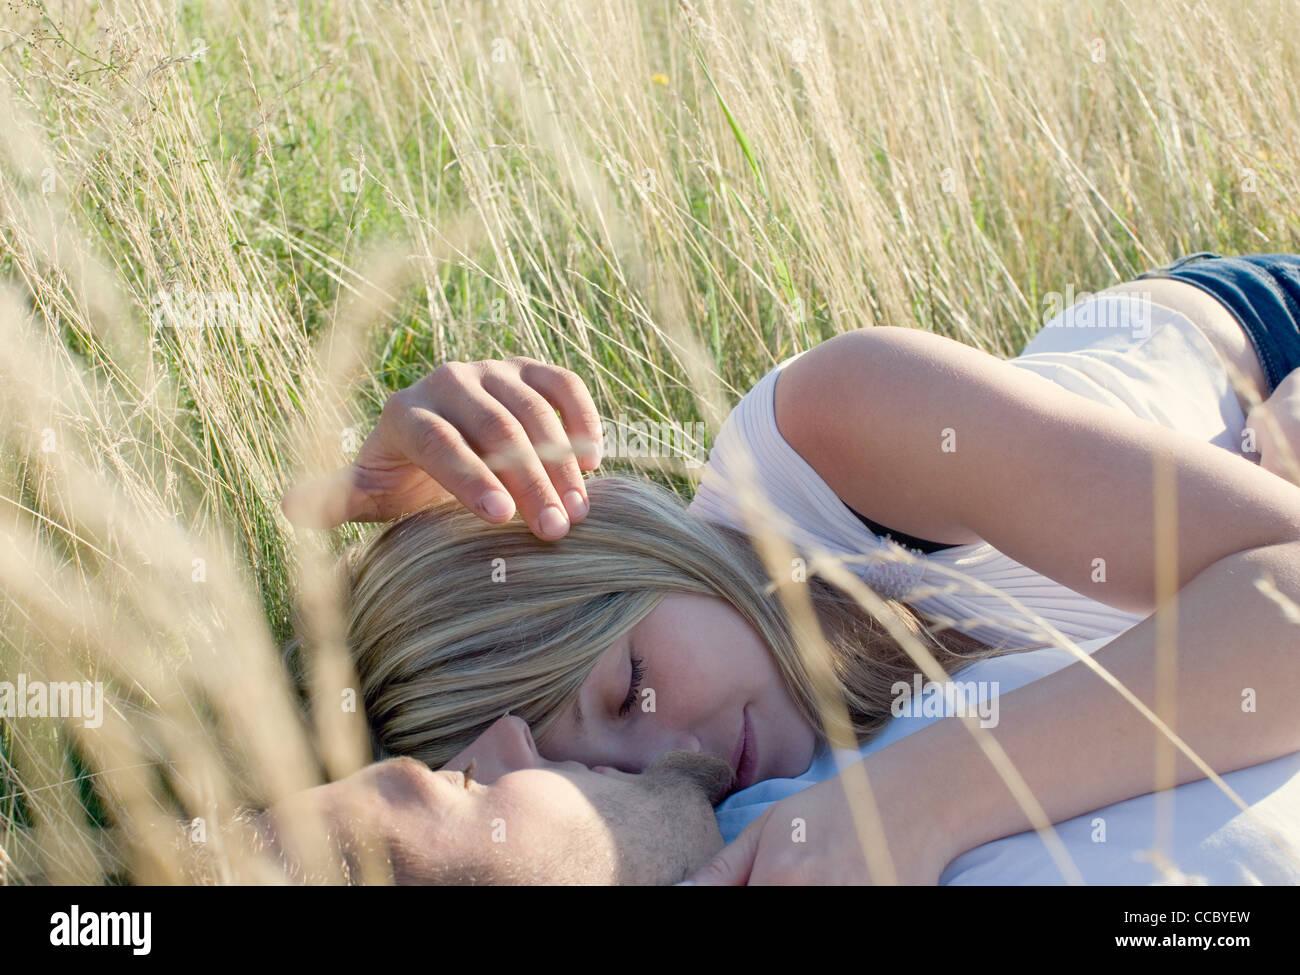 Par yaciendo juntos en el campo de hierba alta Imagen De Stock